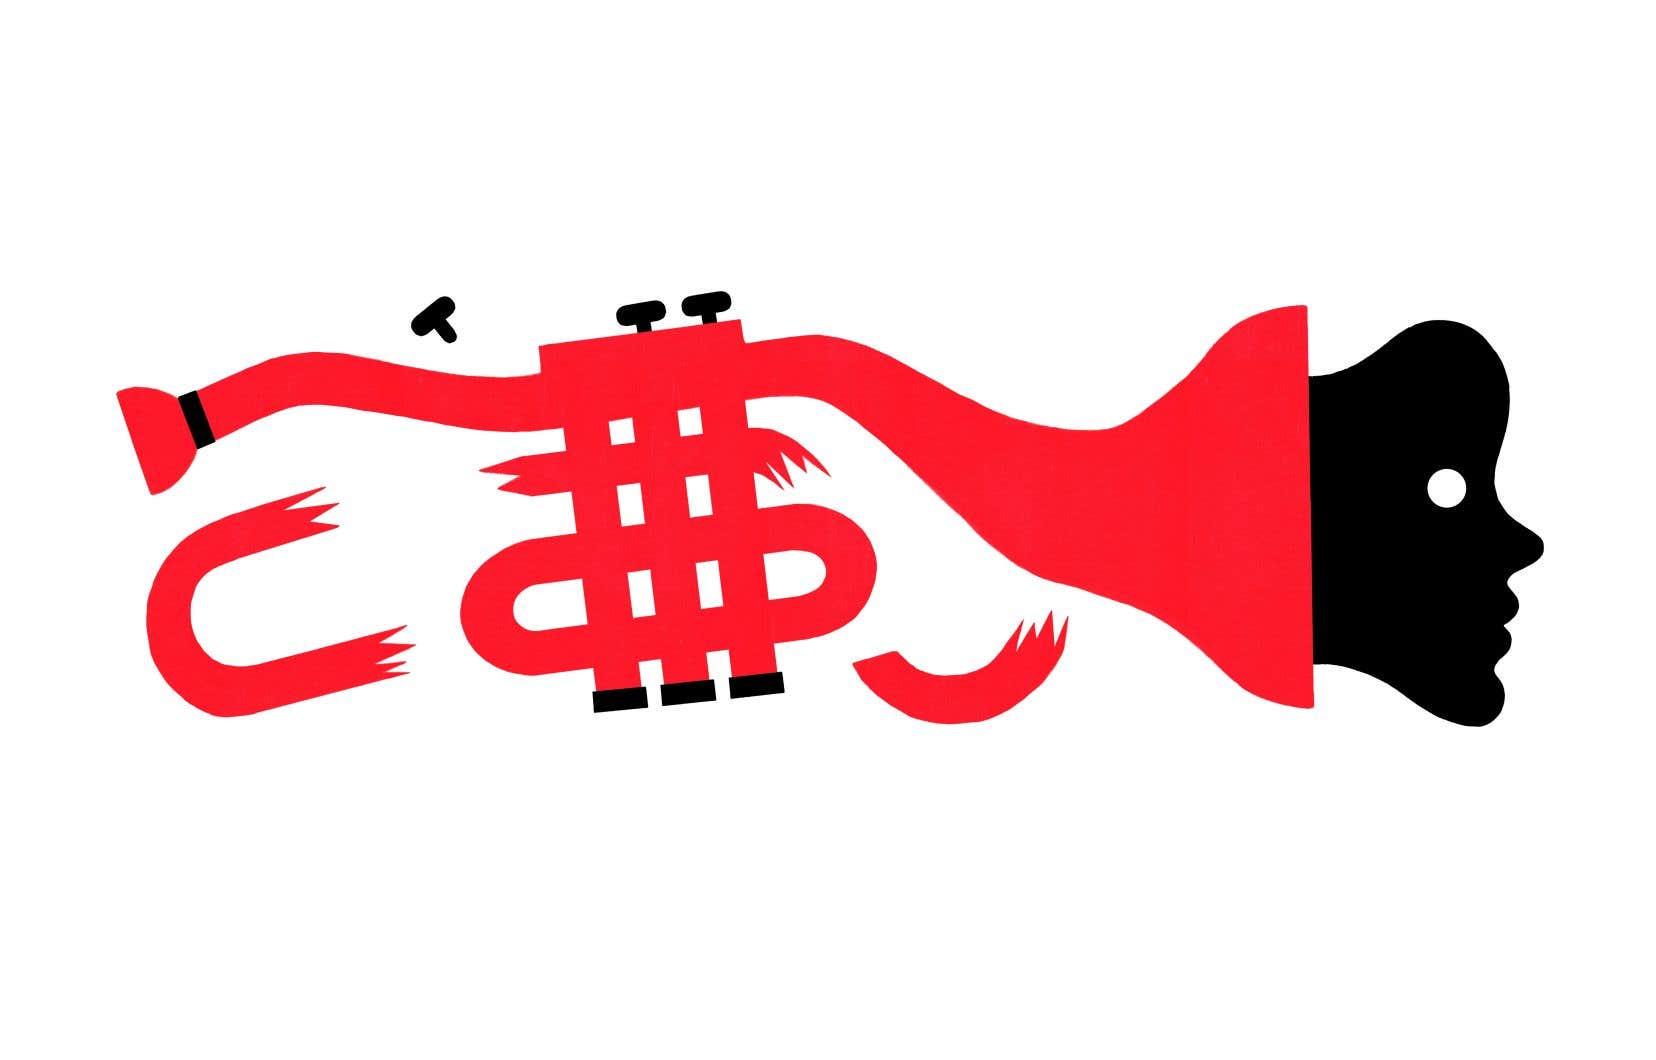 Aujourd'hui, les acteurs de cette industrie prennent enfin le problème au sérieux, comme en témoigne la conférence «La santé mentale dans l'industrie de la musique» du 22novembre prochain, mise sur pied par M pour Montréal.